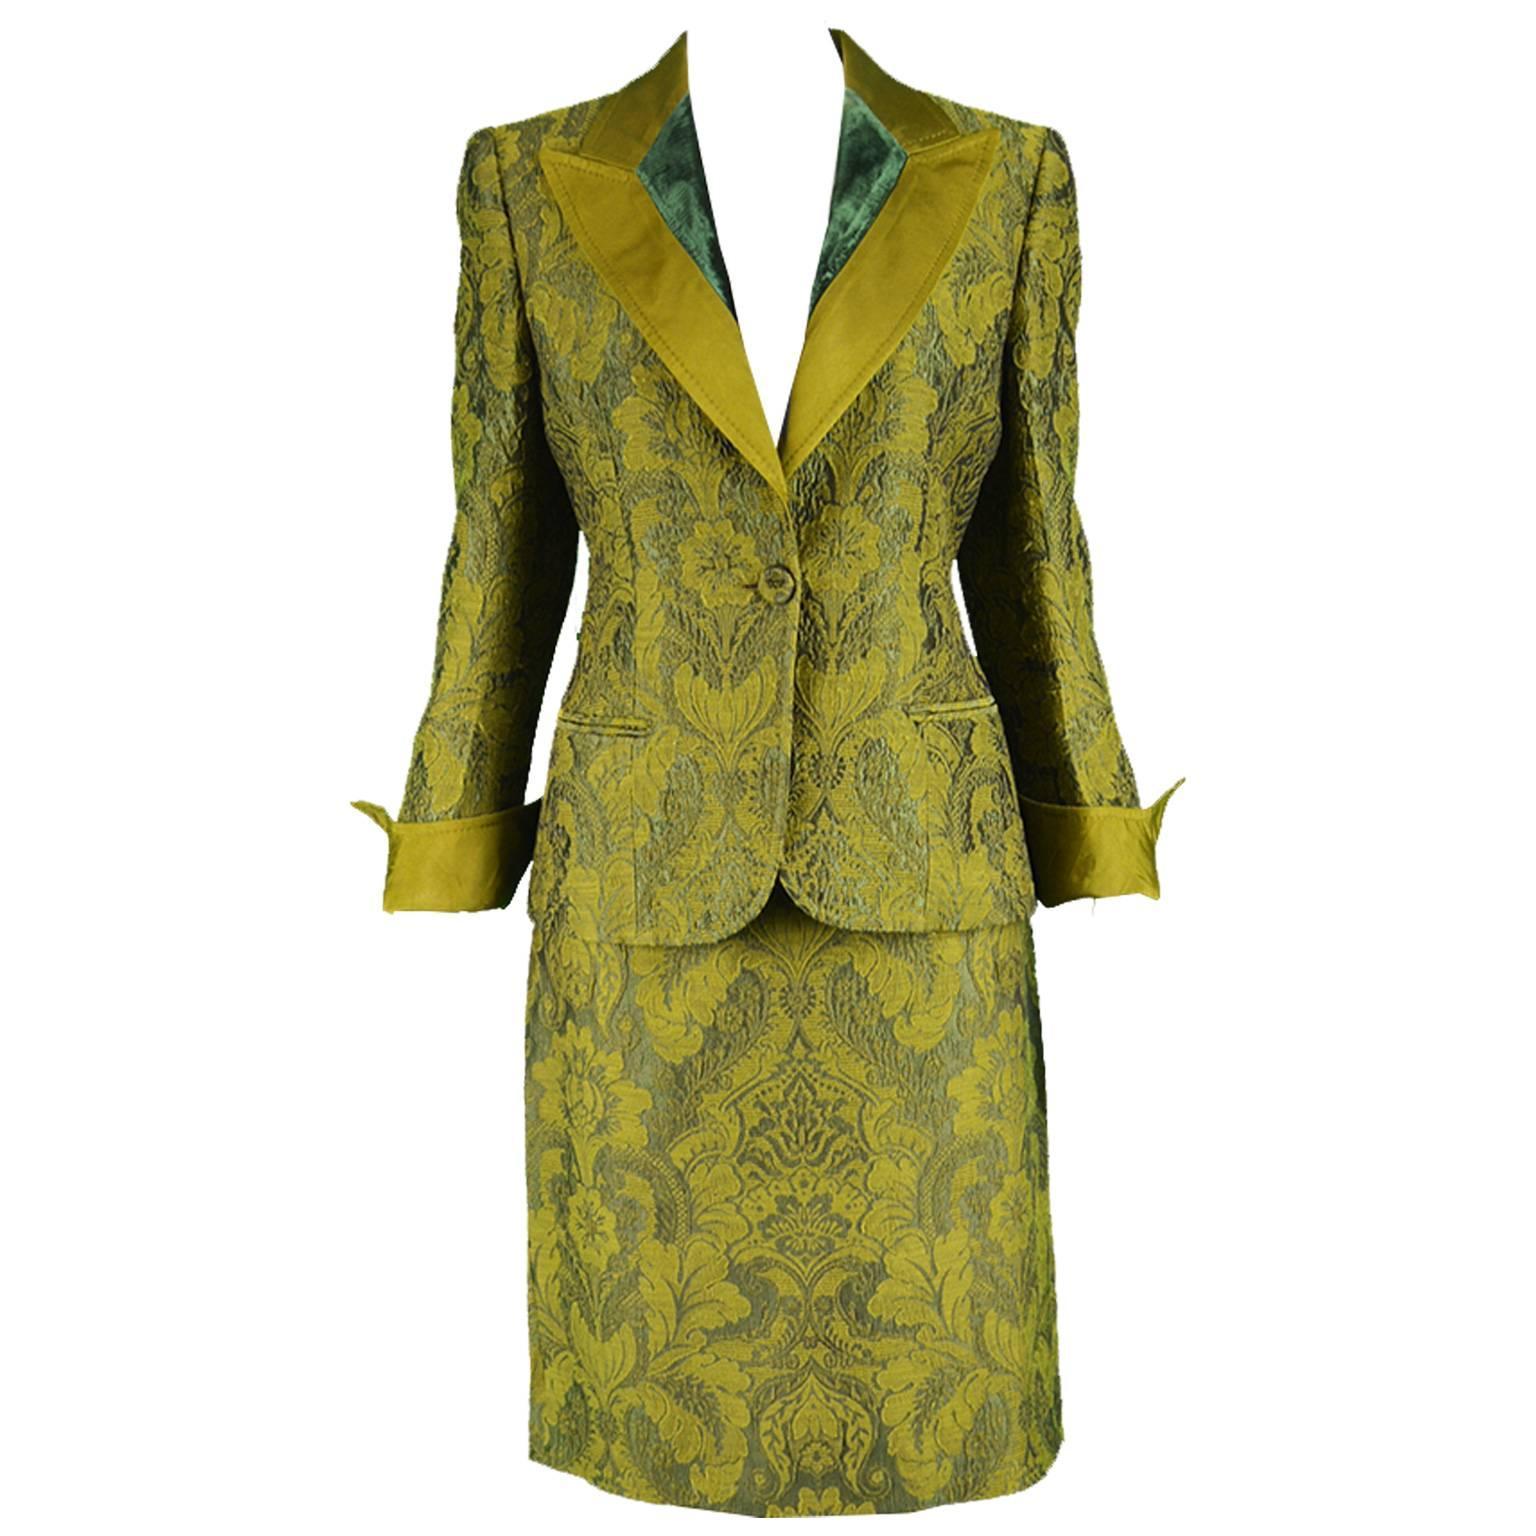 Details about Gff Gianfranco Ferre Cardigan Sweater Women's Viscose Wool Blue SZ.XS 38